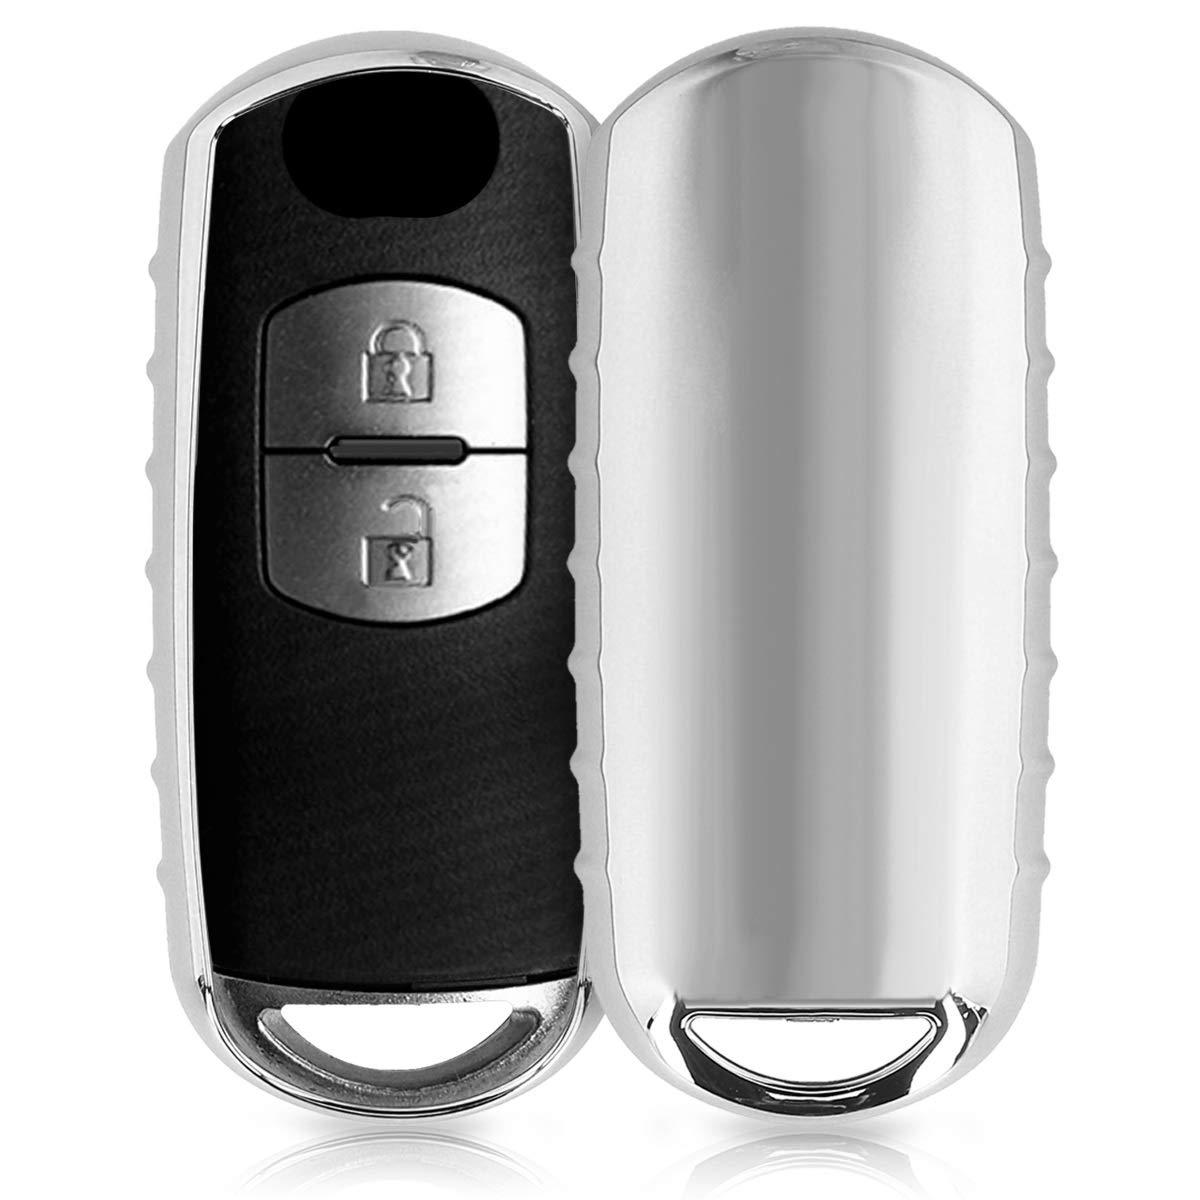 Carcasa kwmobile Funda para Llave Keyless Go de 2 Botones para Coche Mazda Cover de Mando y Control de Auto en TPU para Llaves Suave Plateado Brillante de